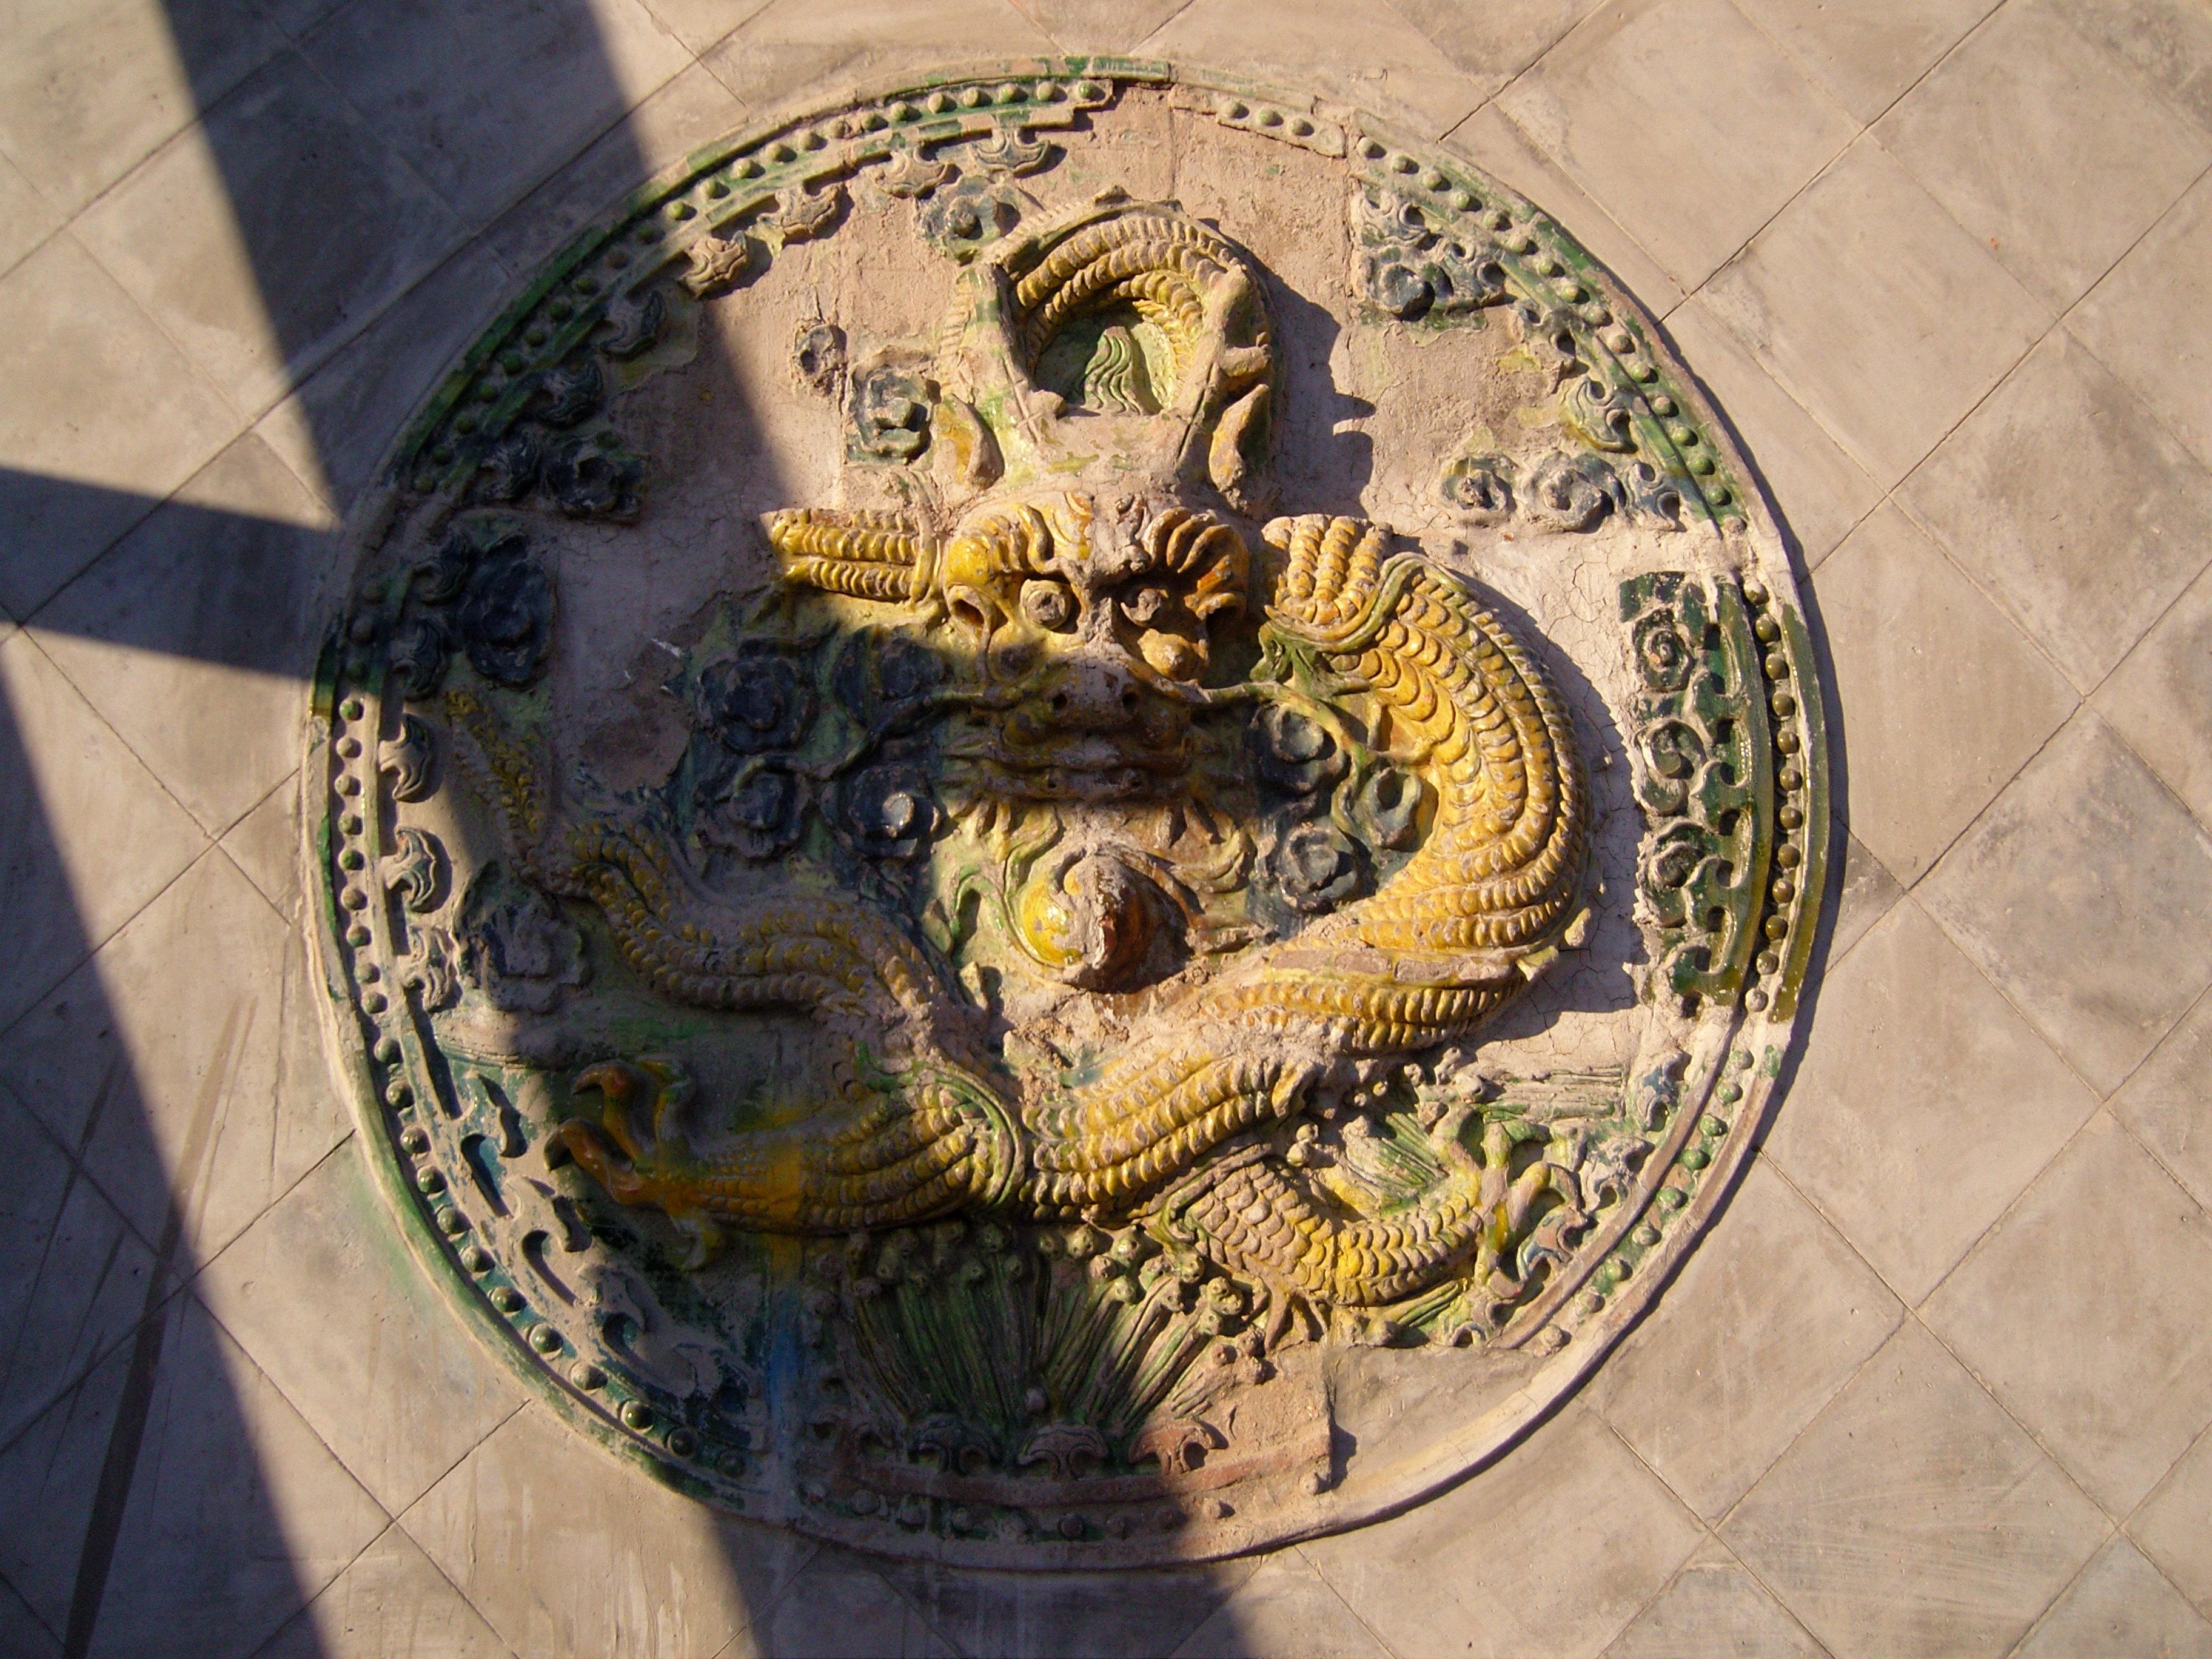 他热情的带我参观了寺庙,并告诉我大寺始建于金代,元朝的时候重修过